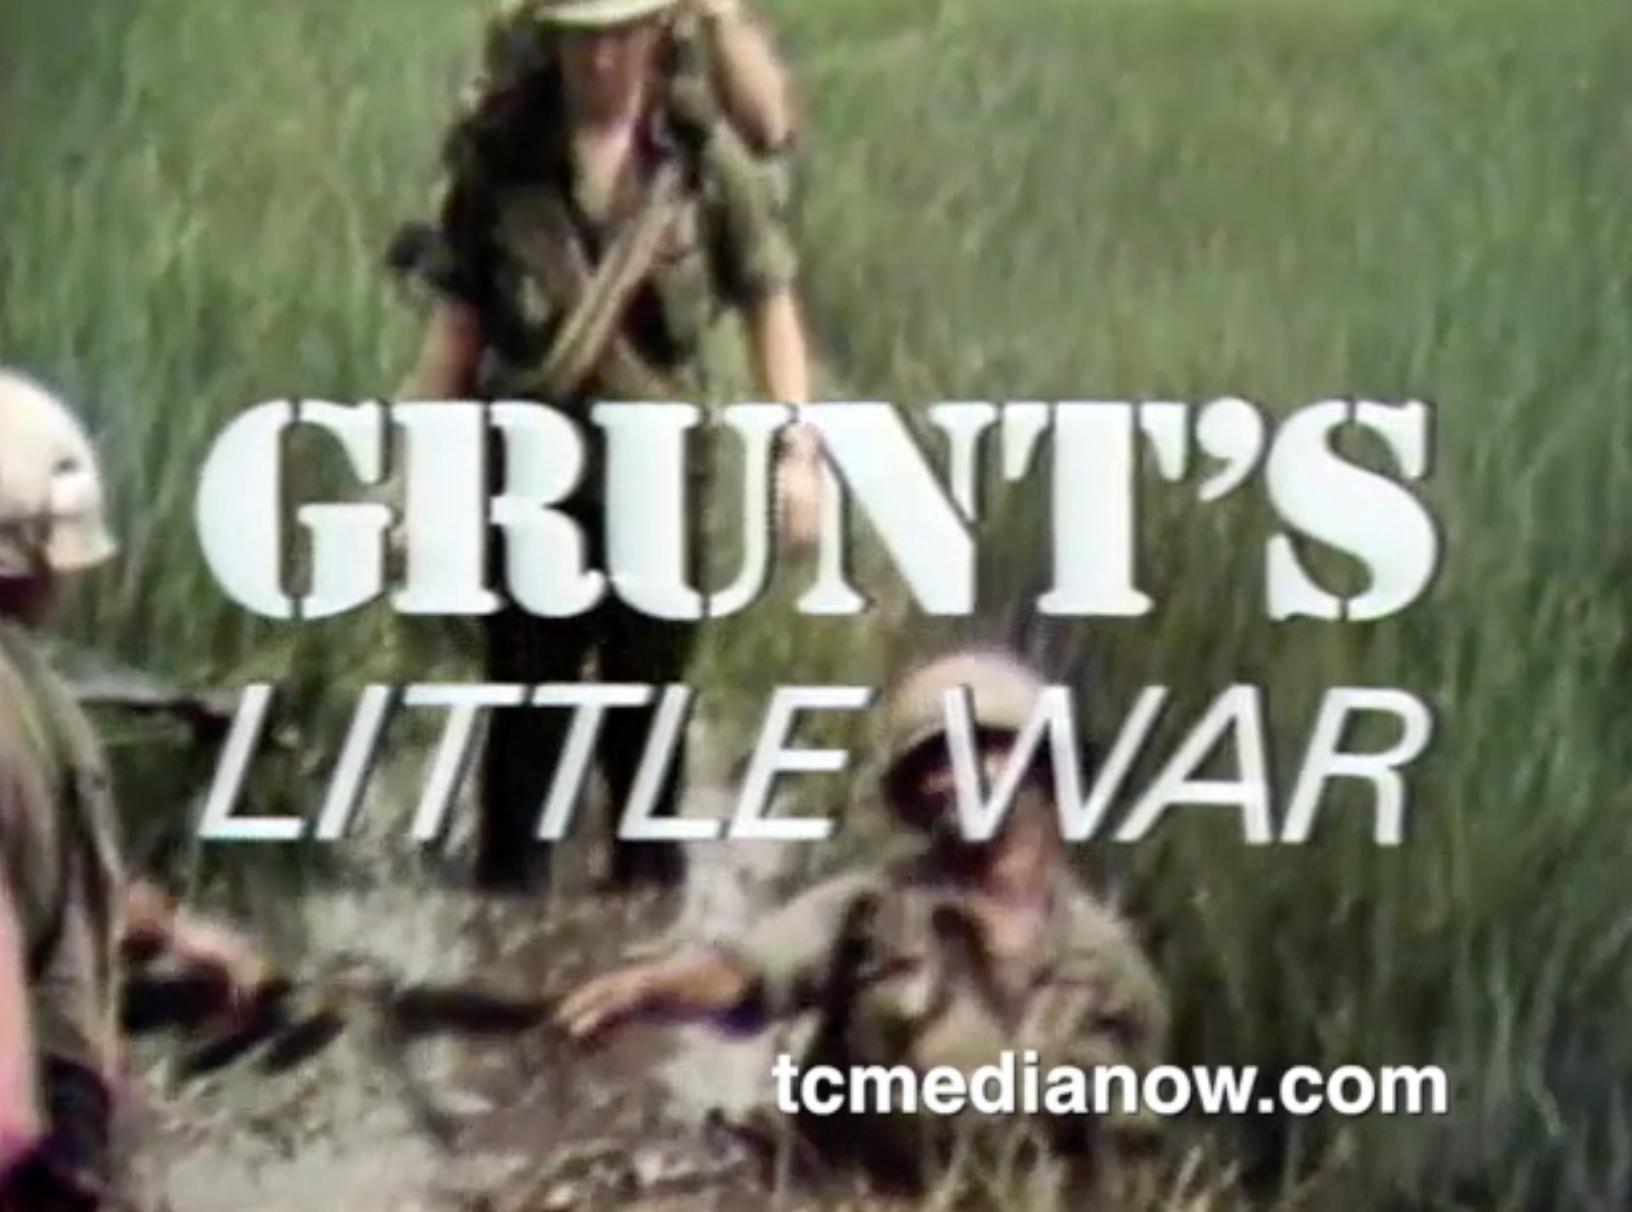 Grunts Little War